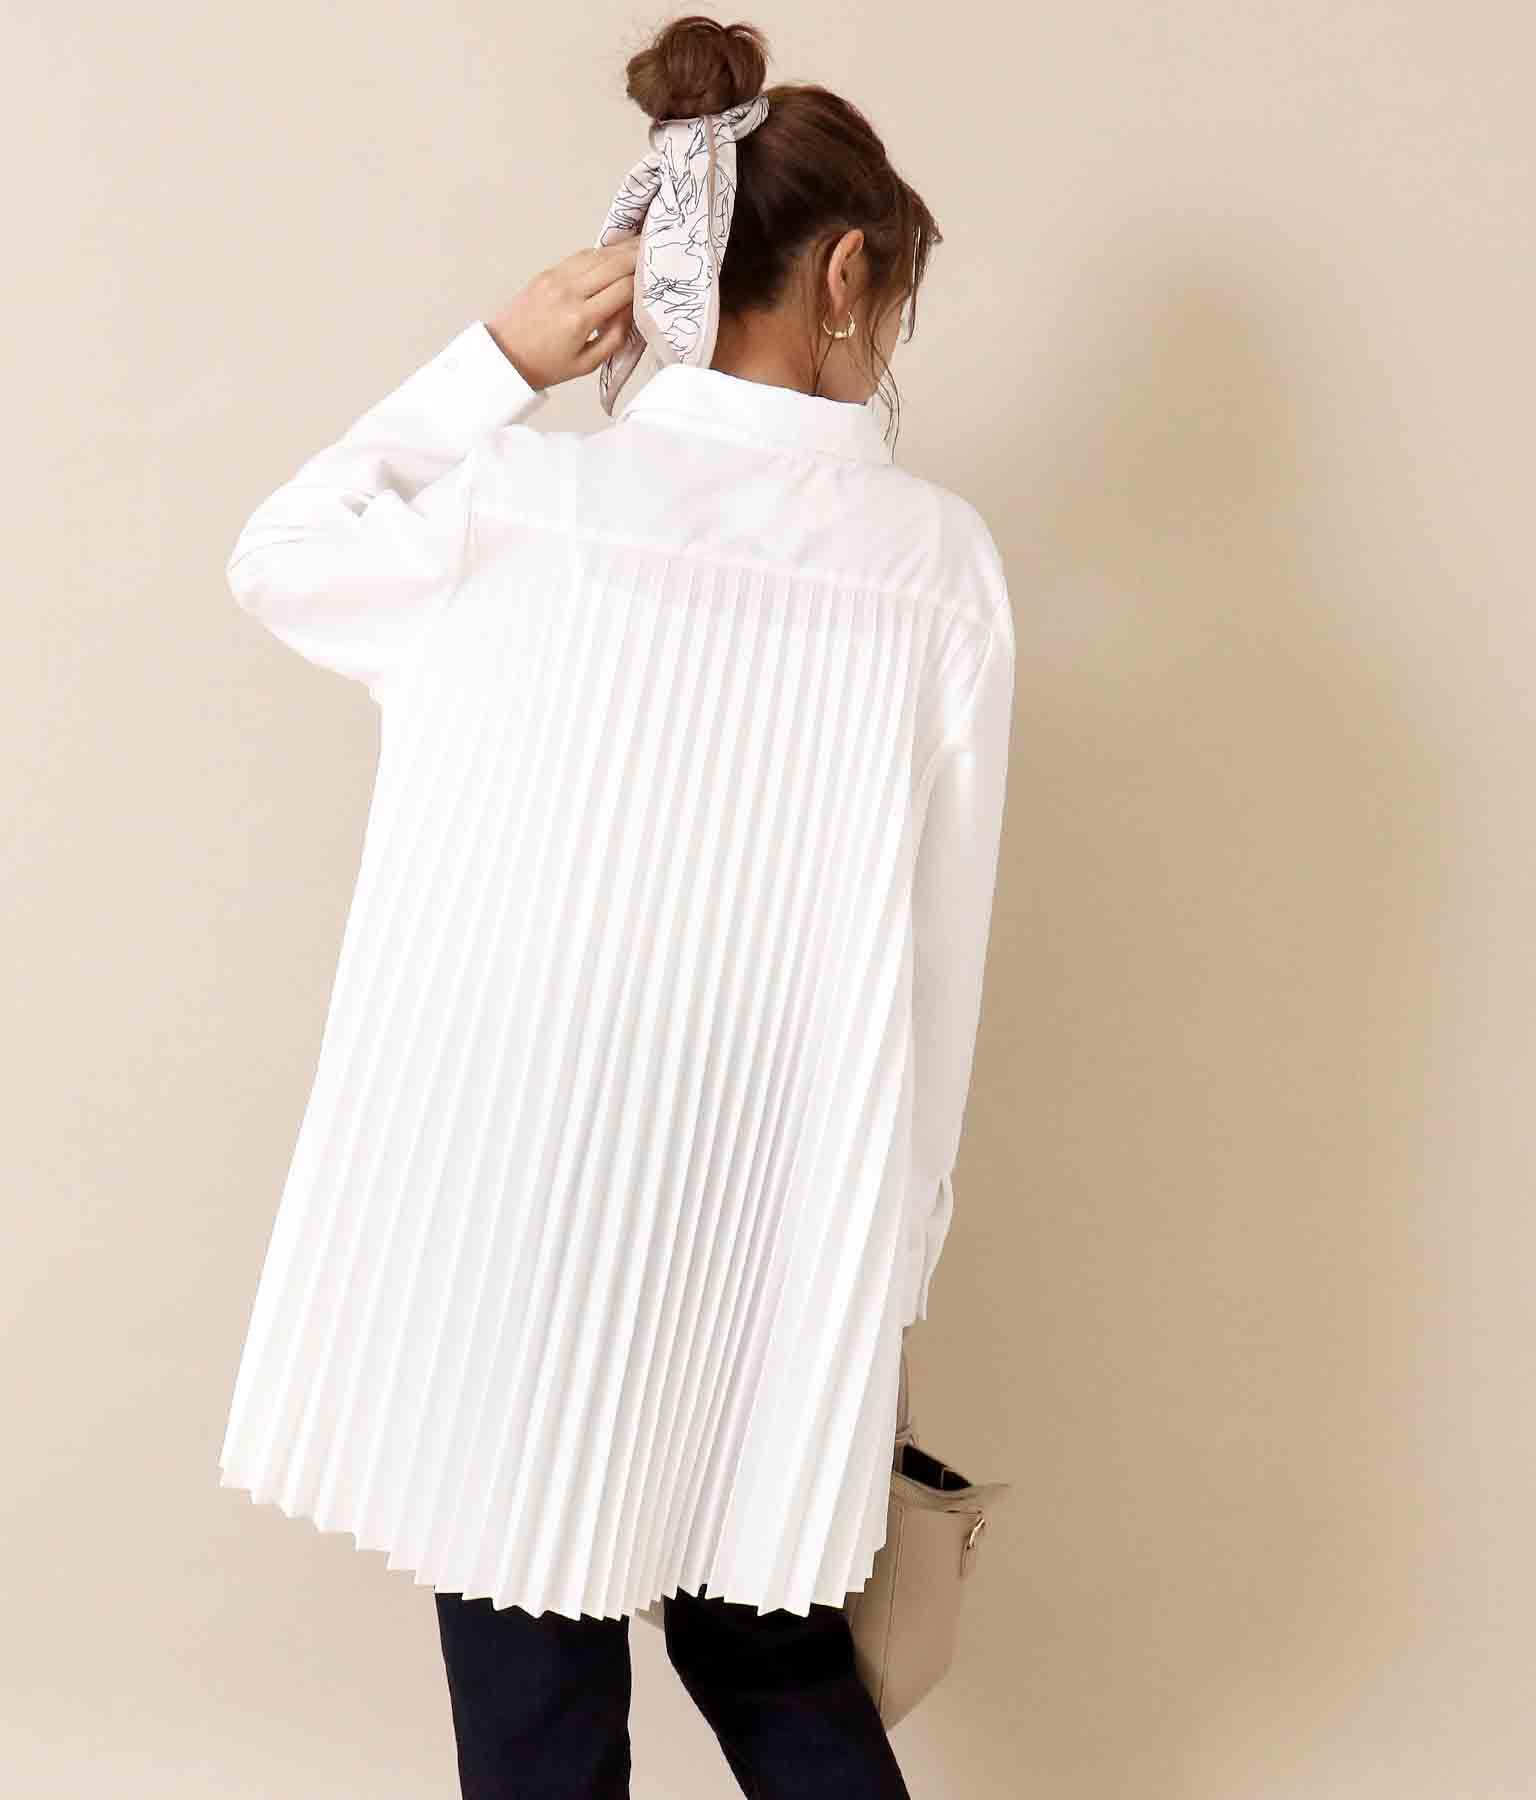 バックプリーツチュニックシャツ | CHILLE